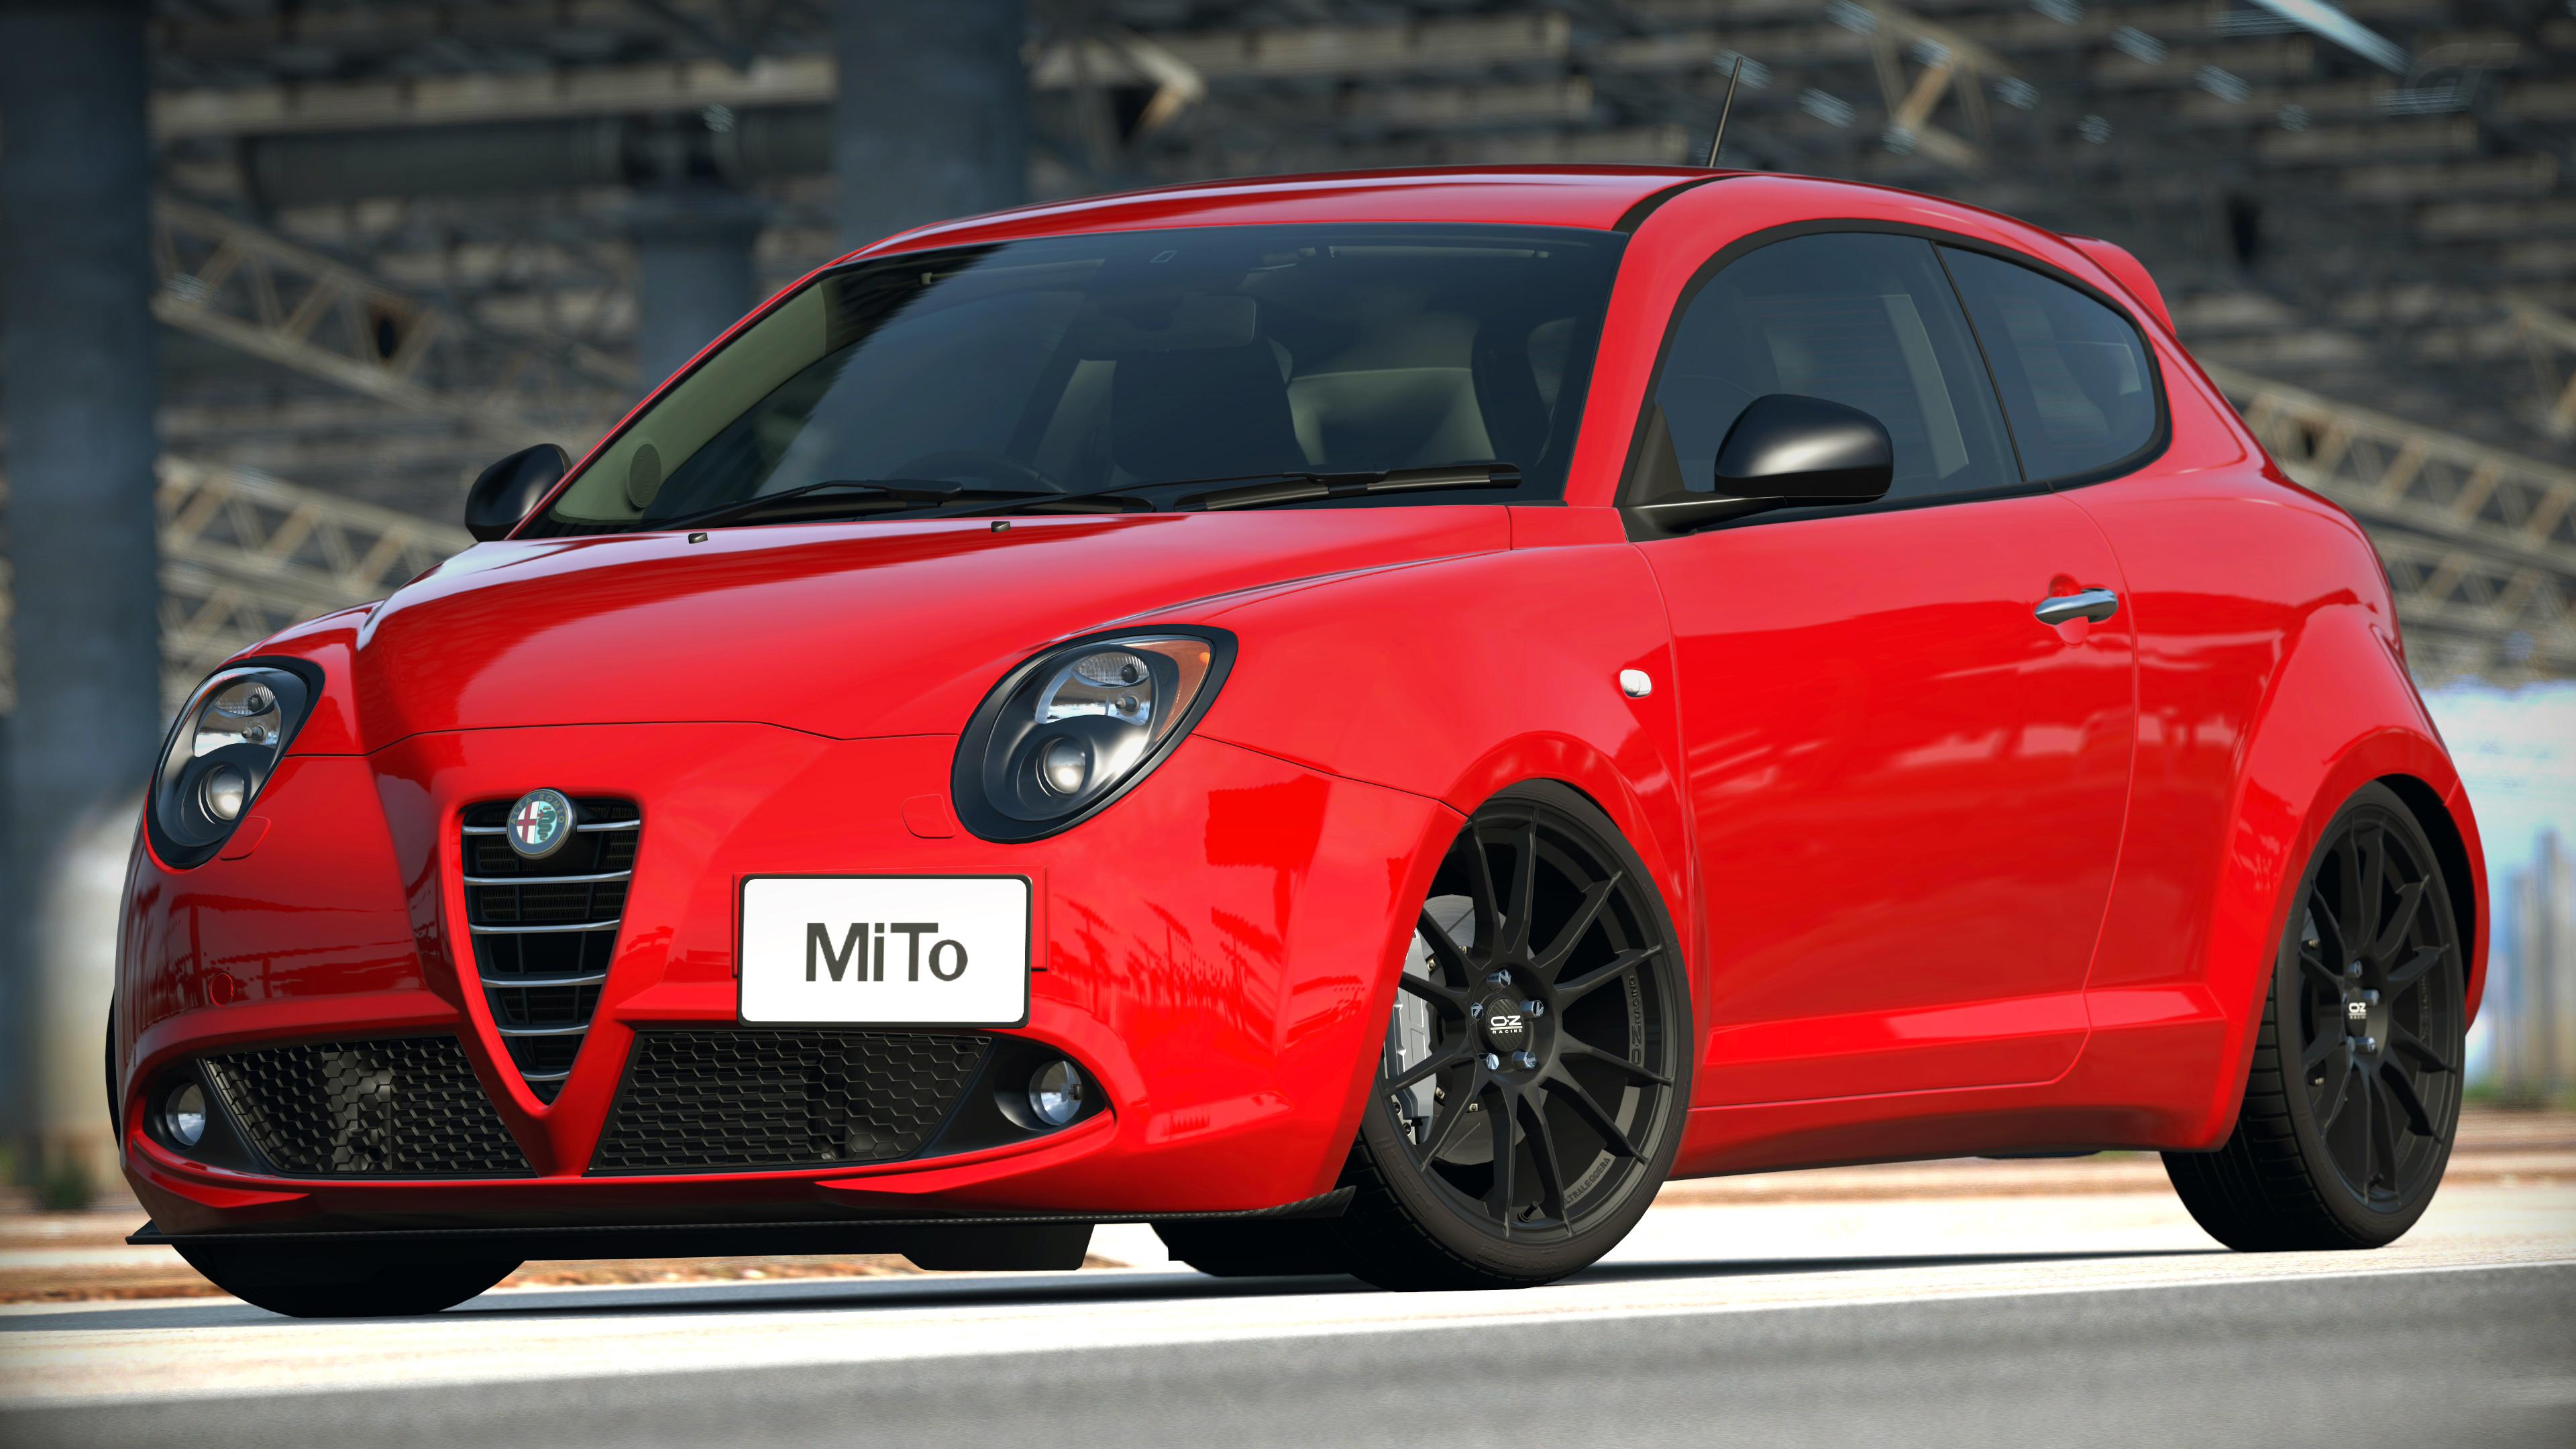 Gran Turismo 6 Alfa Romeo Mito Sport Modifications